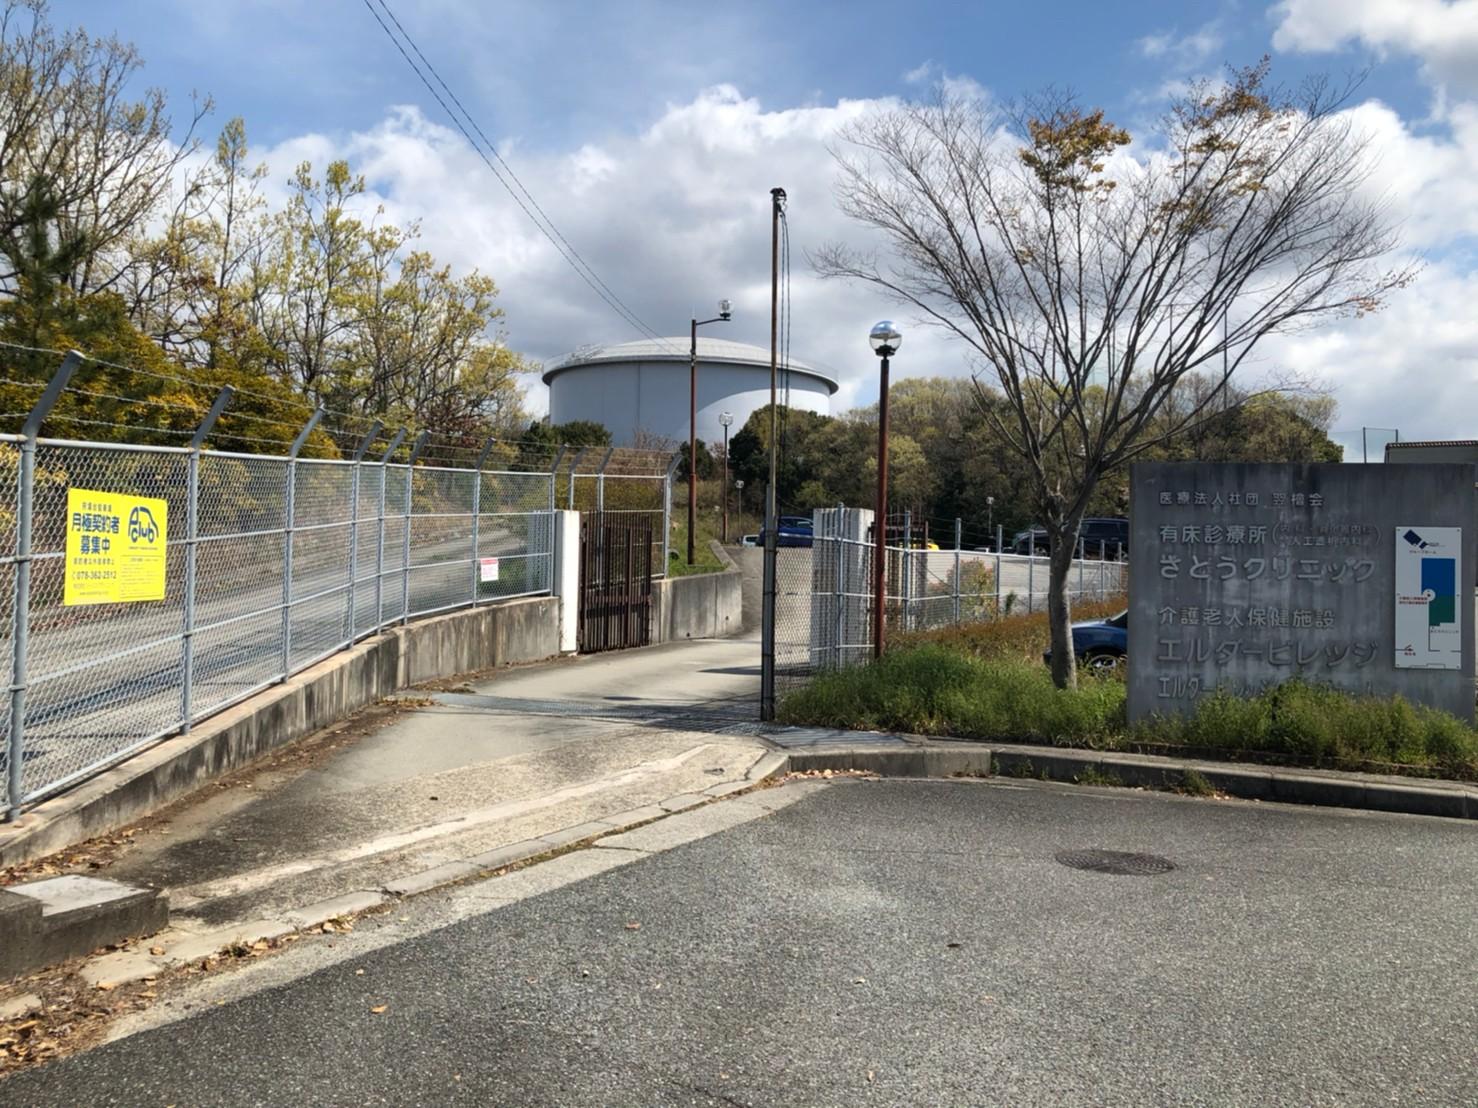 【月極駐車場 神戸市西区狩場台】狩場台駐車場